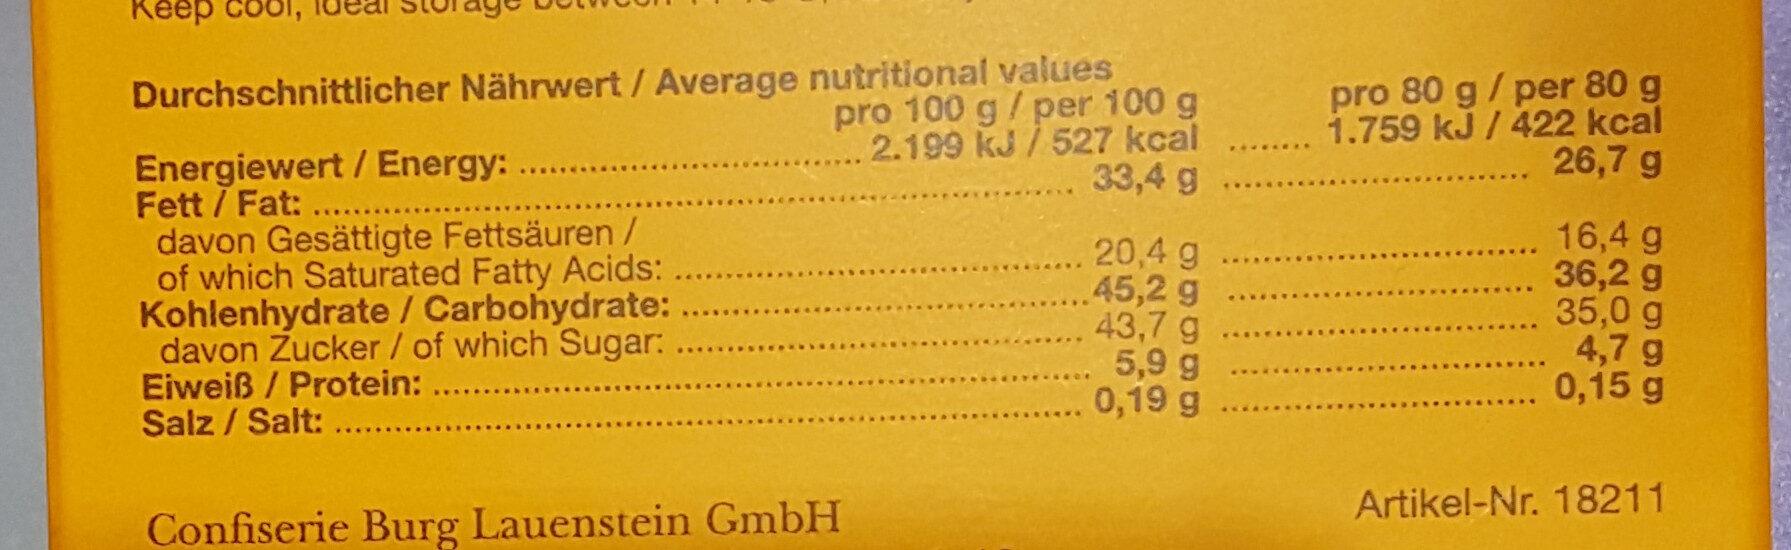 Sanddorn gefüllte Schokolade - Nutrition facts